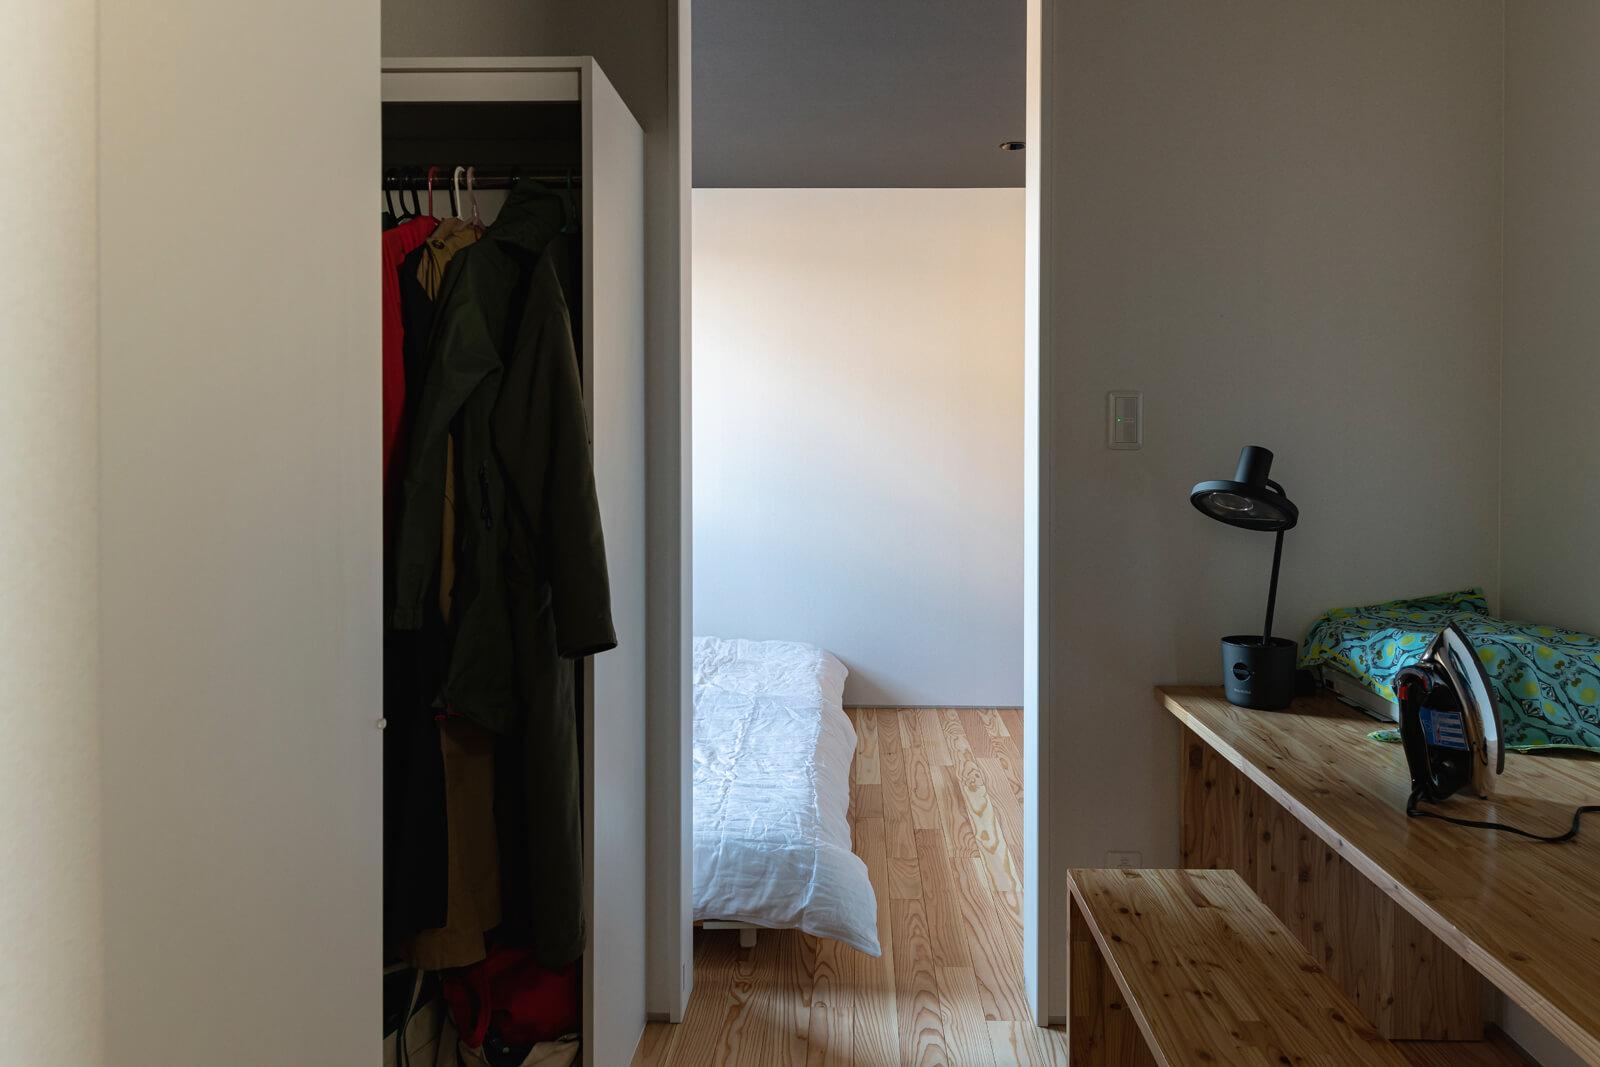 寝室はウォークインクローゼット、ユーテリティに直結する裏動線が設けられている